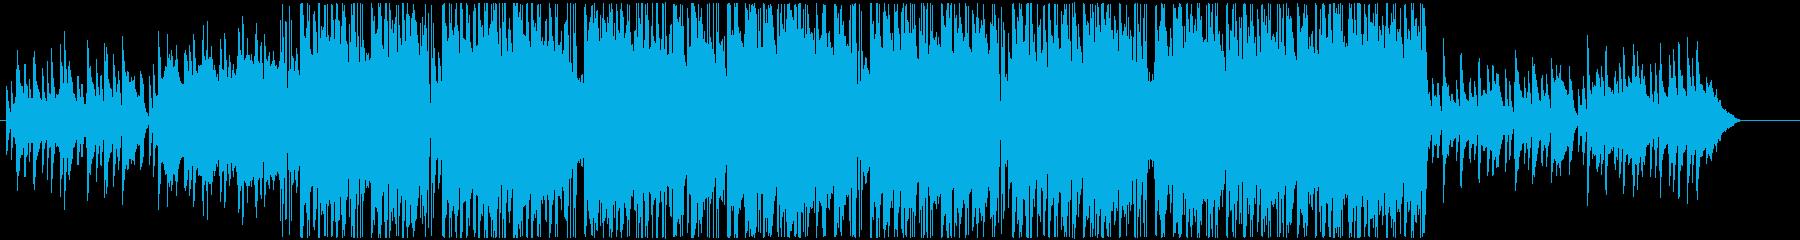 耳馴染みの良い和なピアノ曲 (ver.)の再生済みの波形